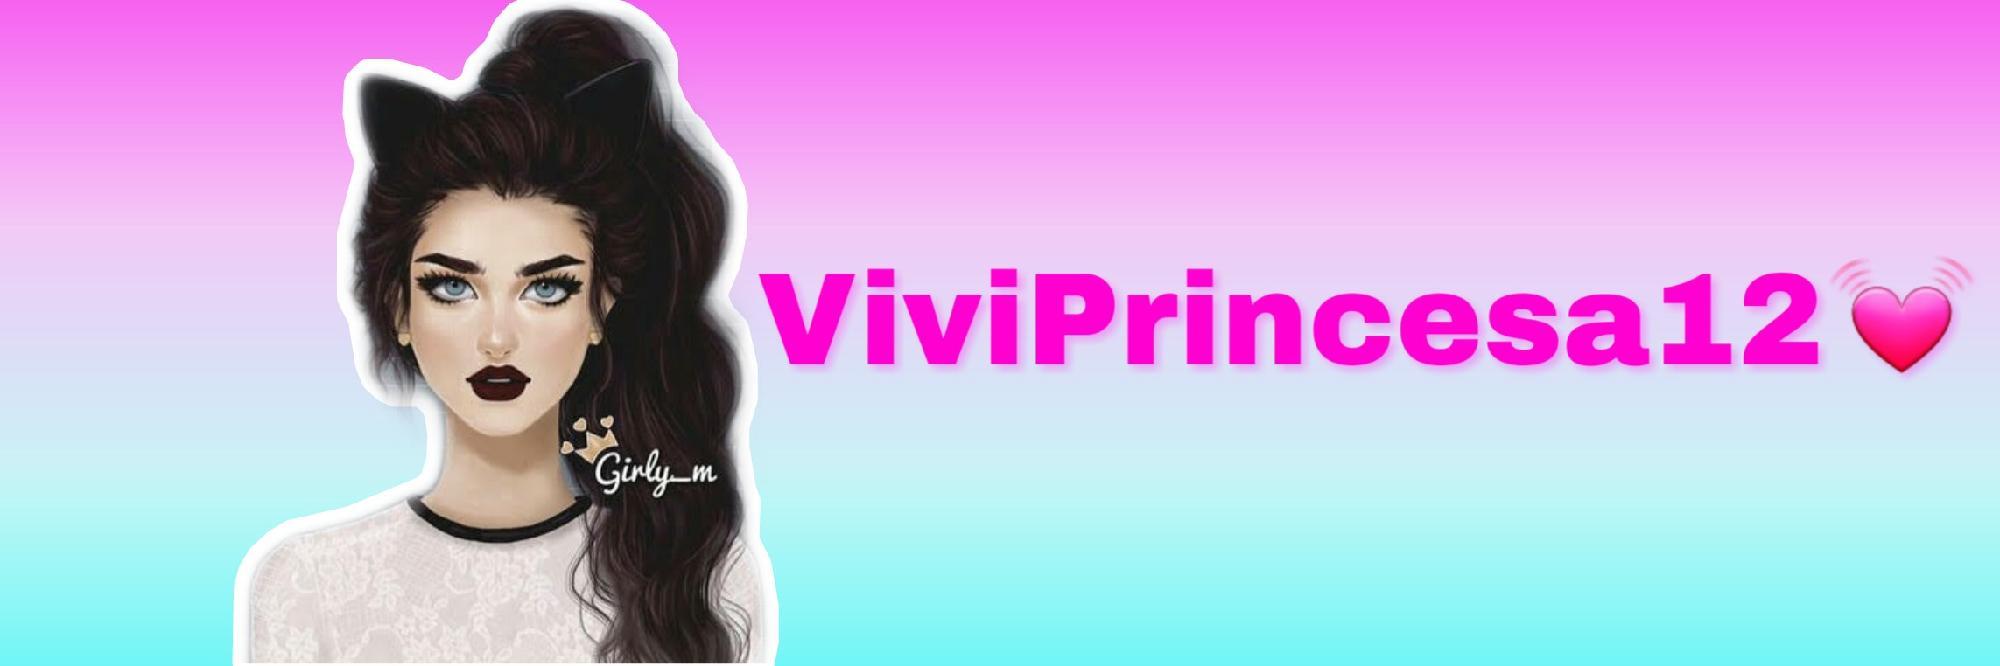 ViviPrincesa11 se escreve lá por favor e retribui e os likes tambem...